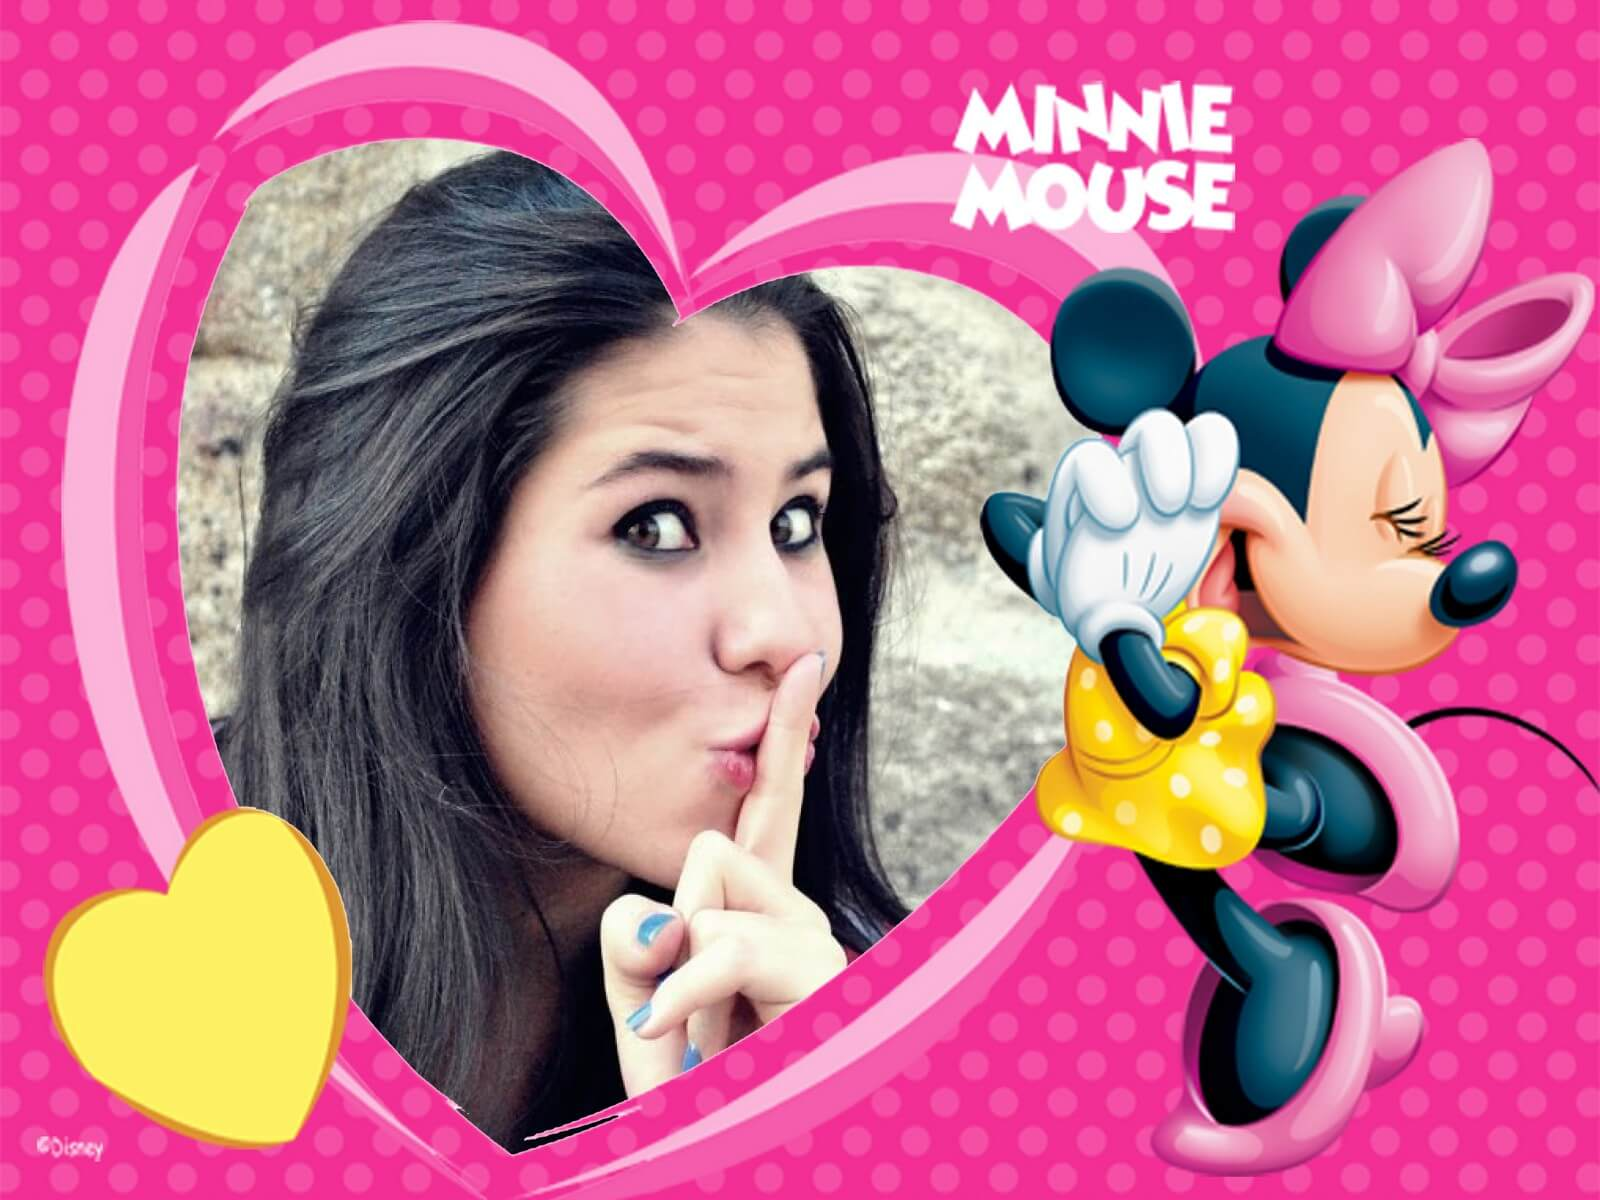 montagem-de-fotos-com-moldura-da-minnie-mouse